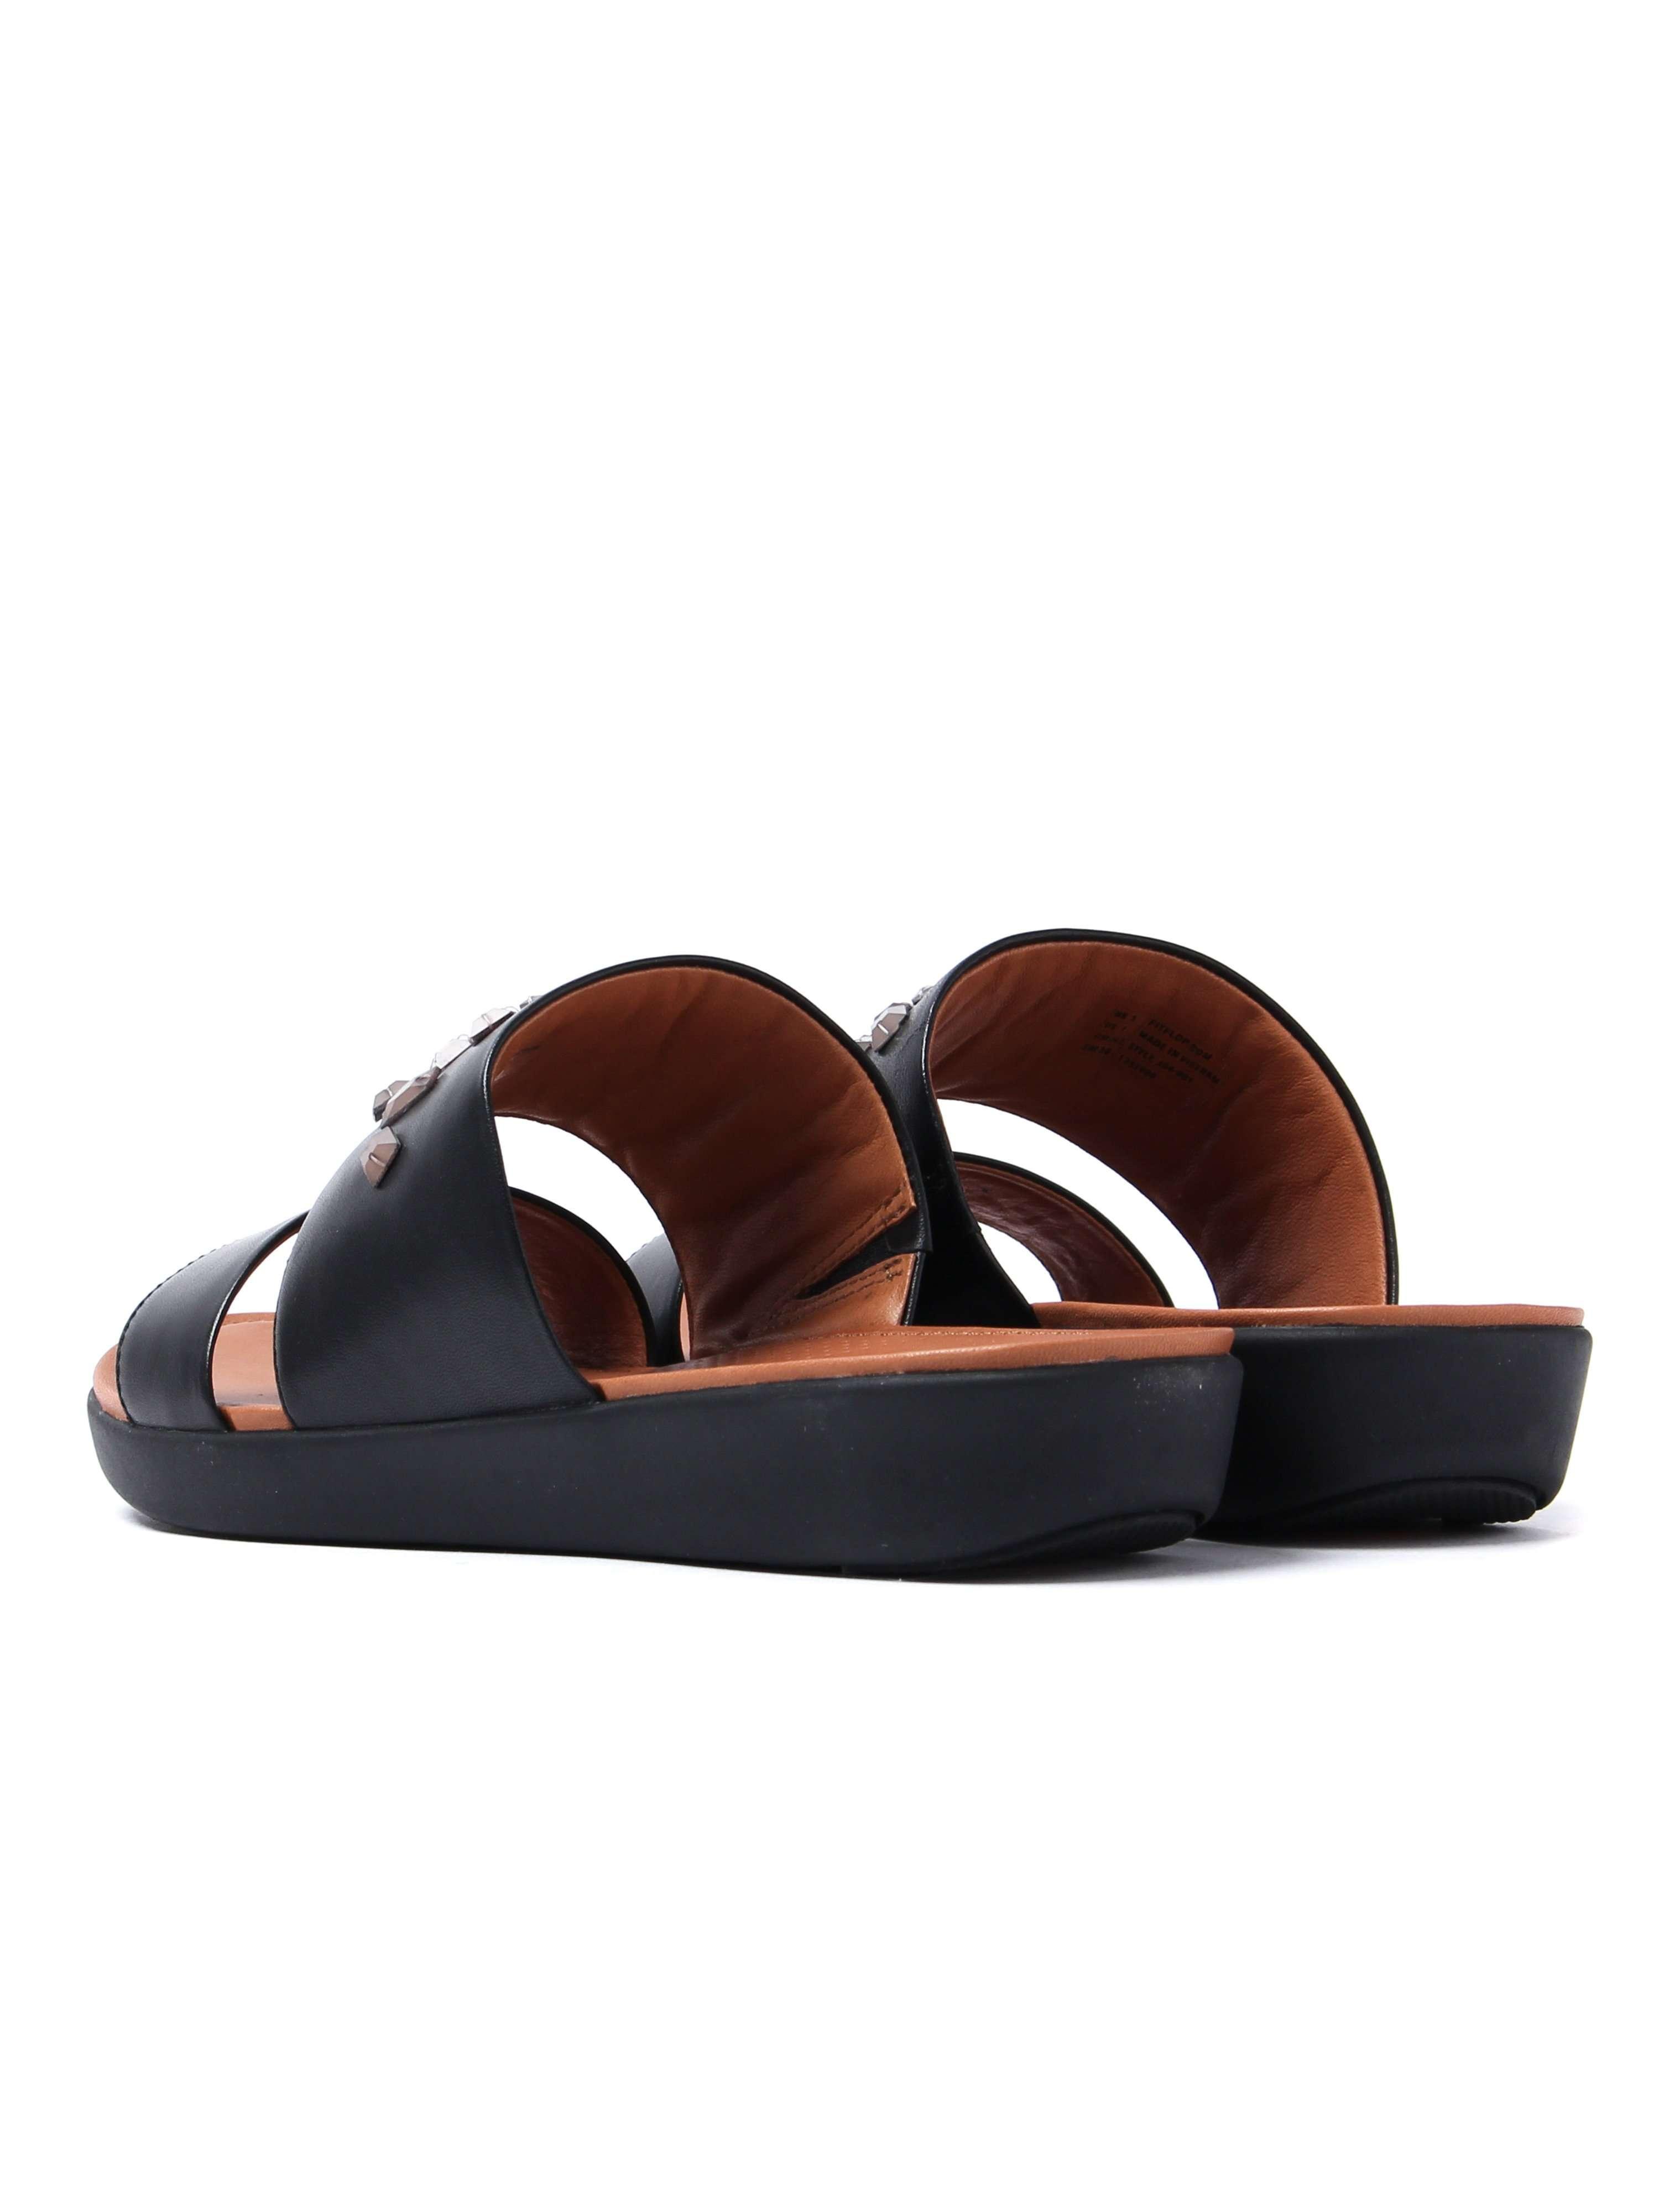 FitFlop Women's Delta Leather Crystal Slide Sandals - Black